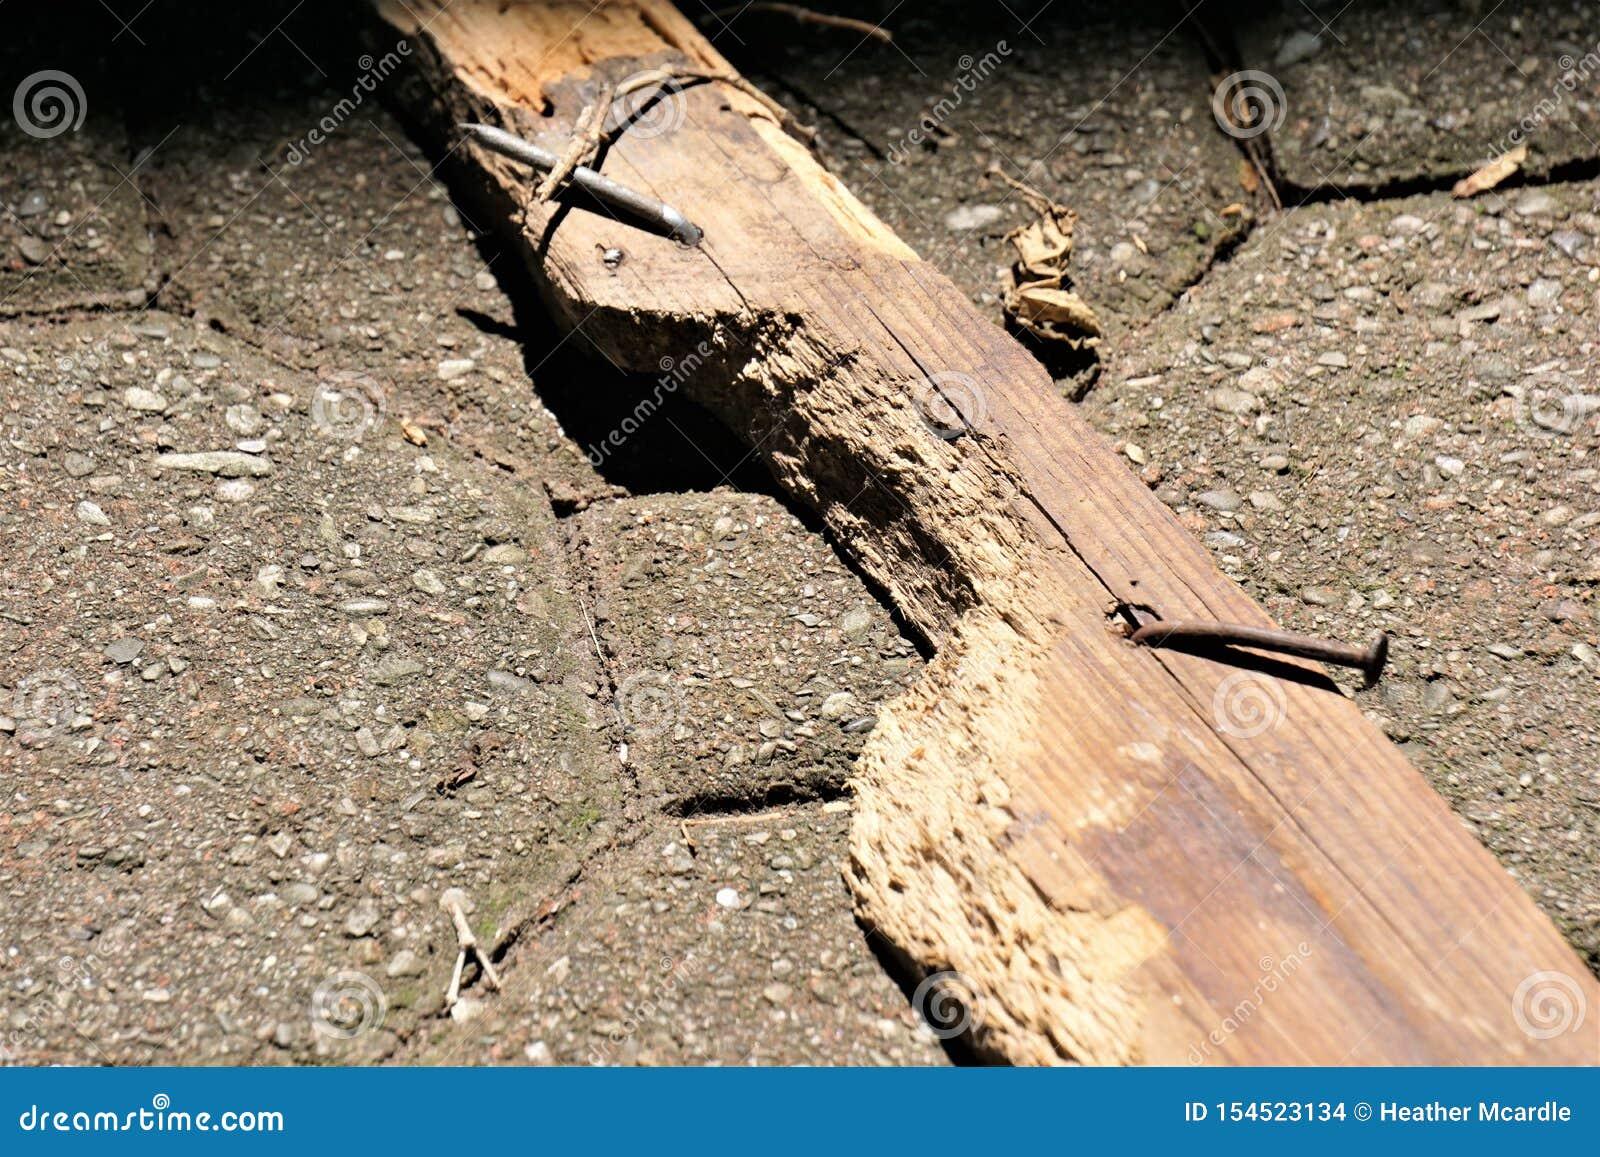 Pannello segnaletico nocivo dagli scoiattoli